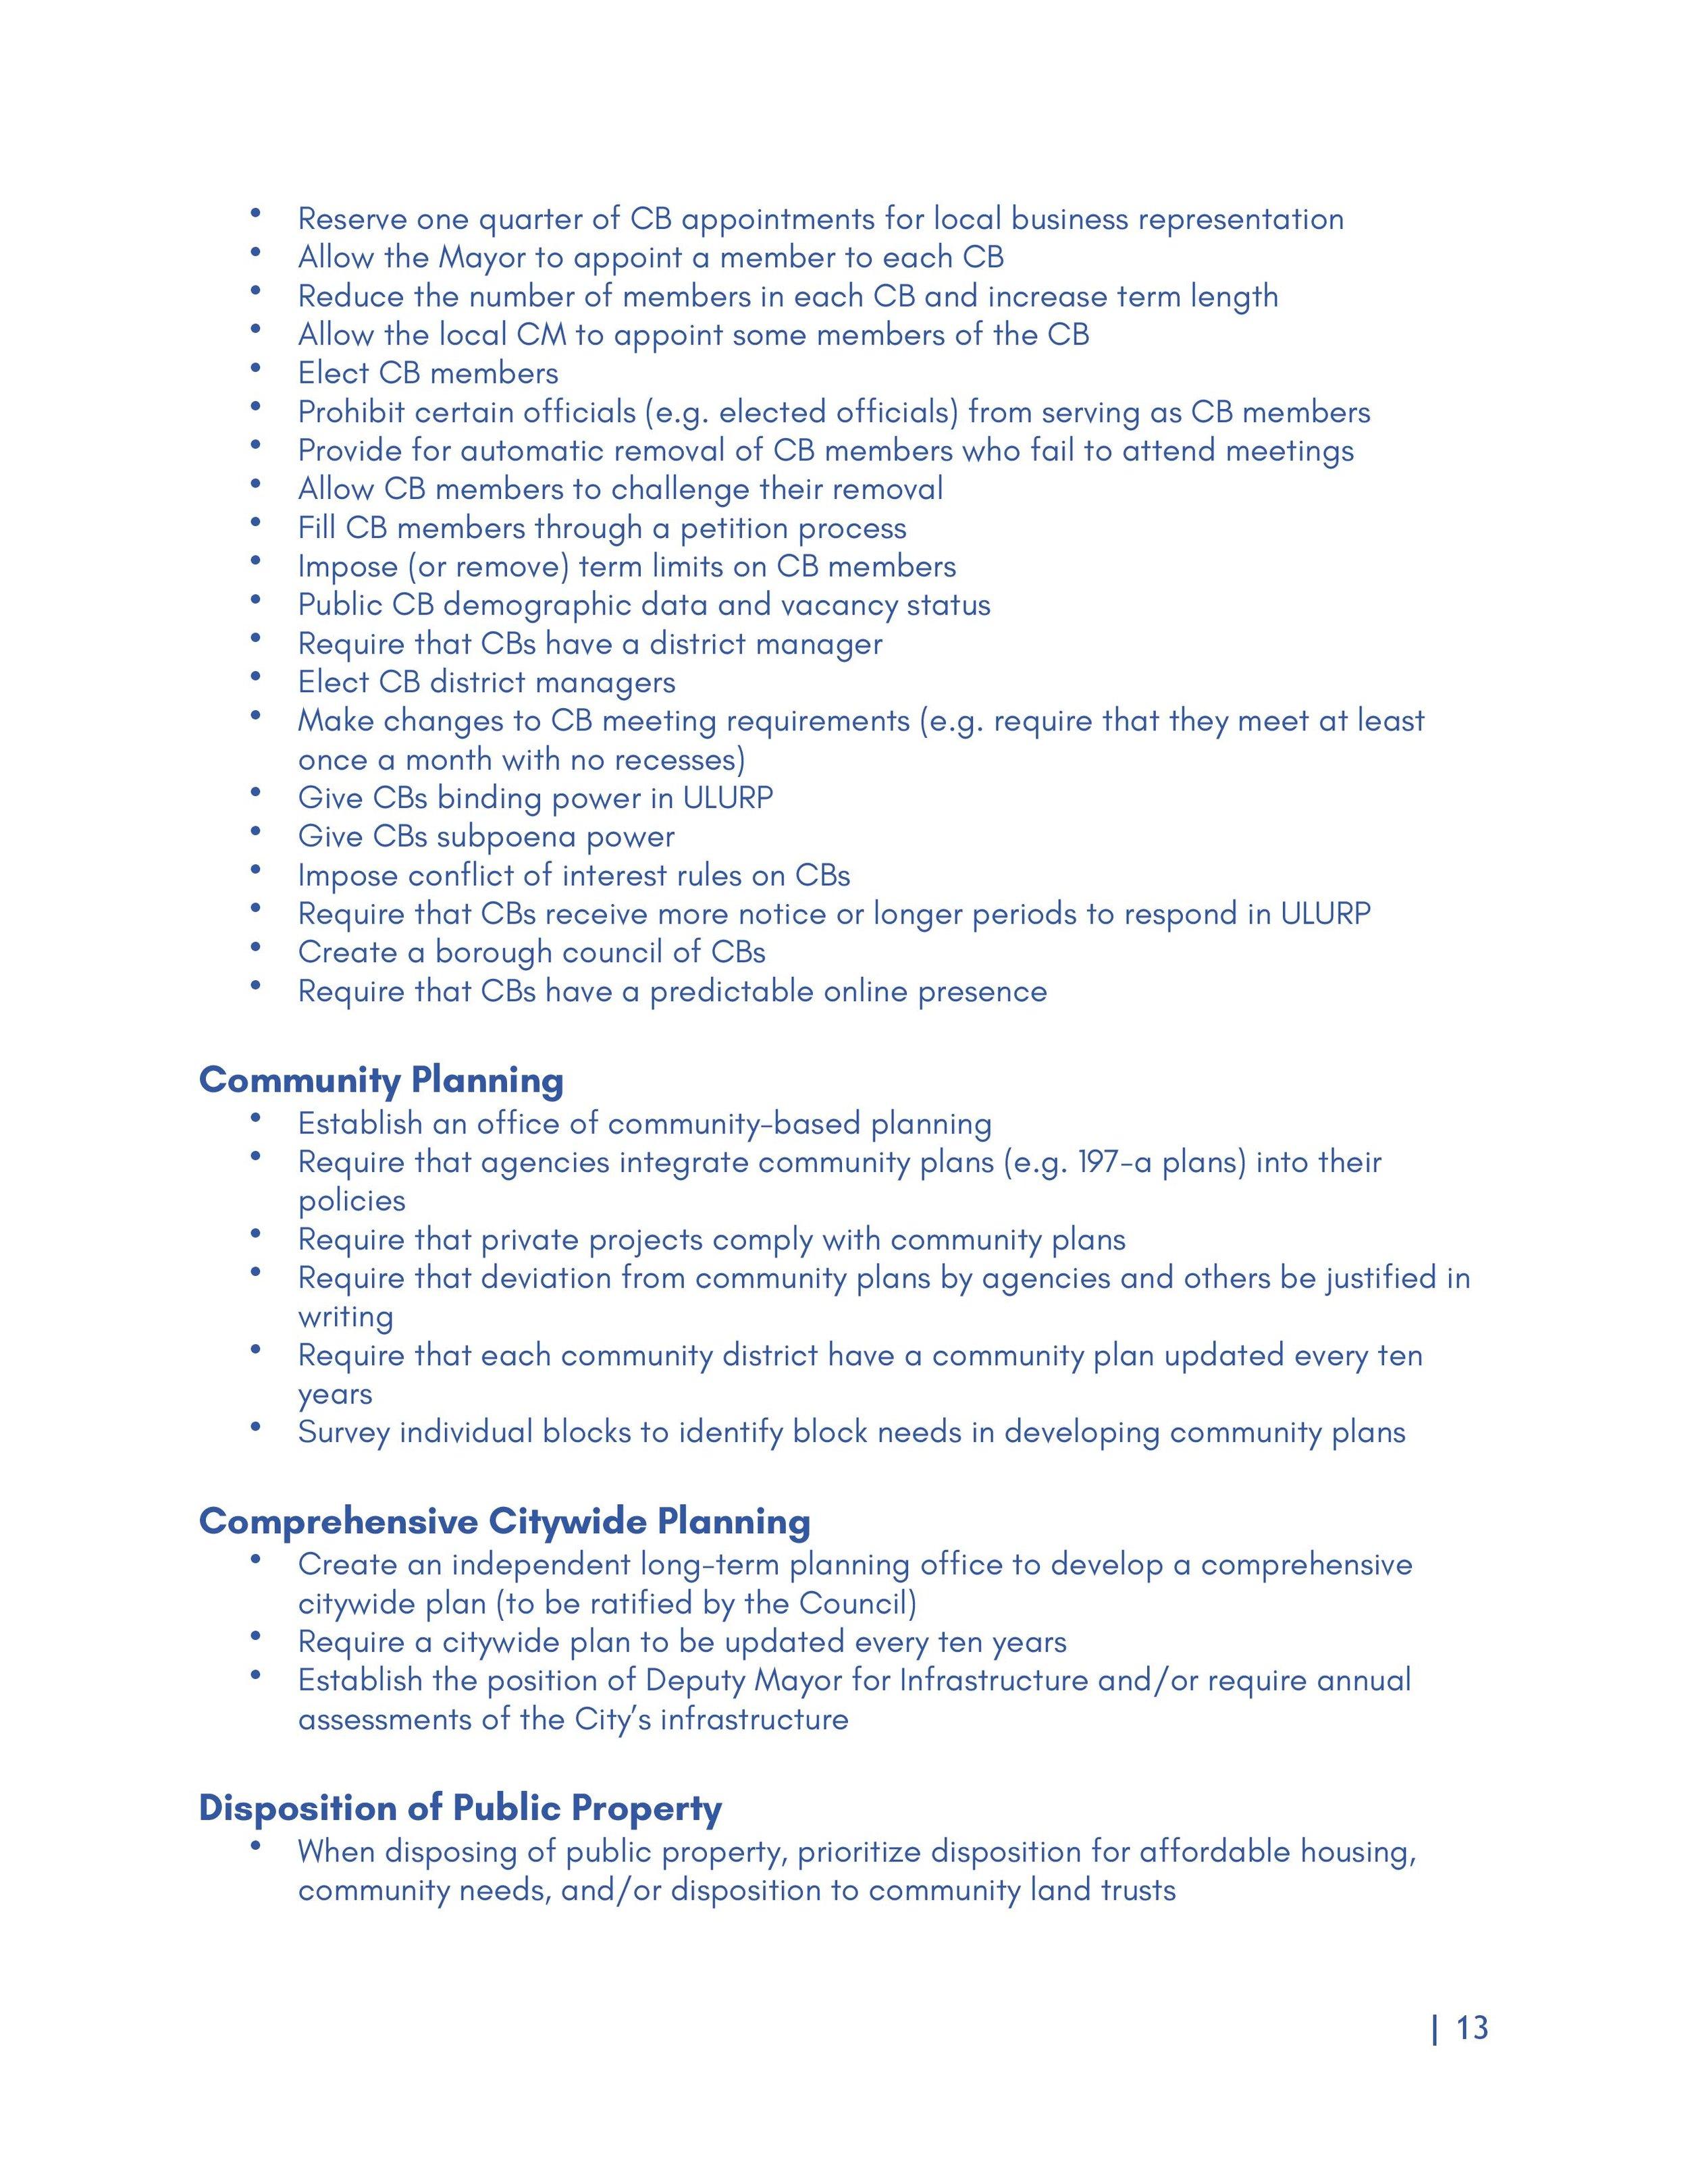 Proposals-page-013.jpg